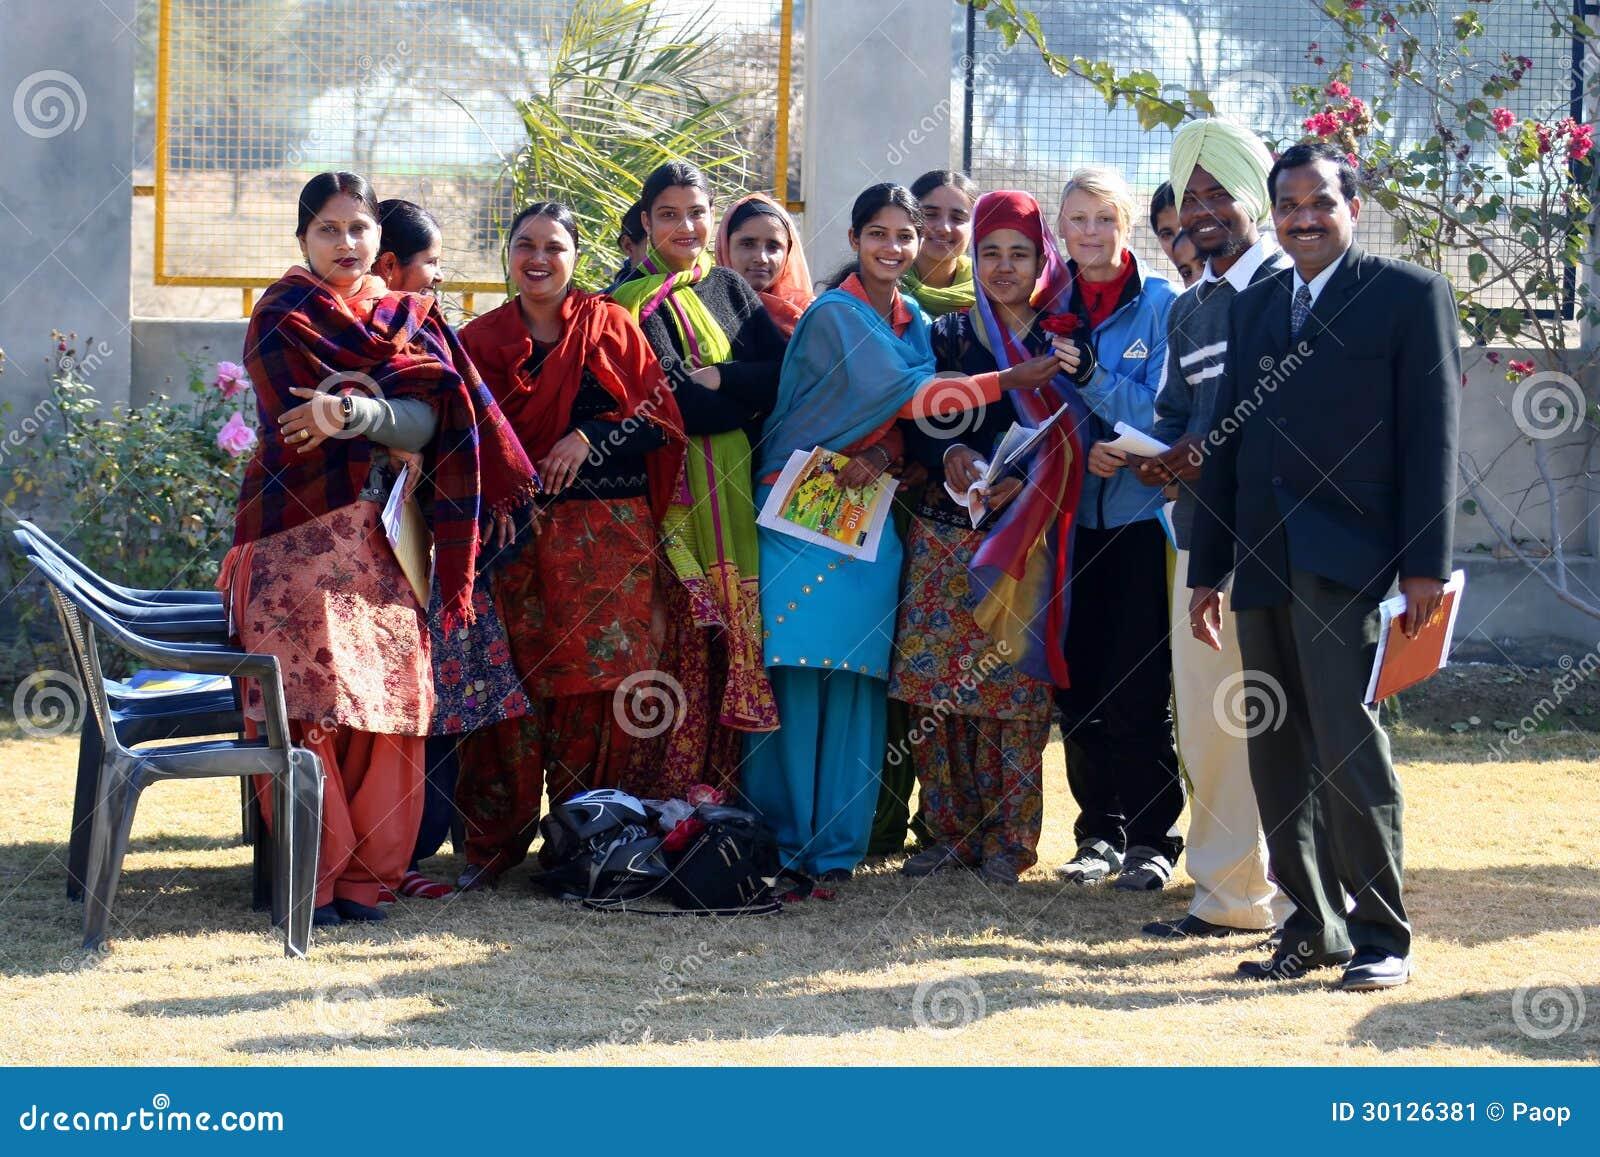 Hub nacked punjab school teachers images gif oil